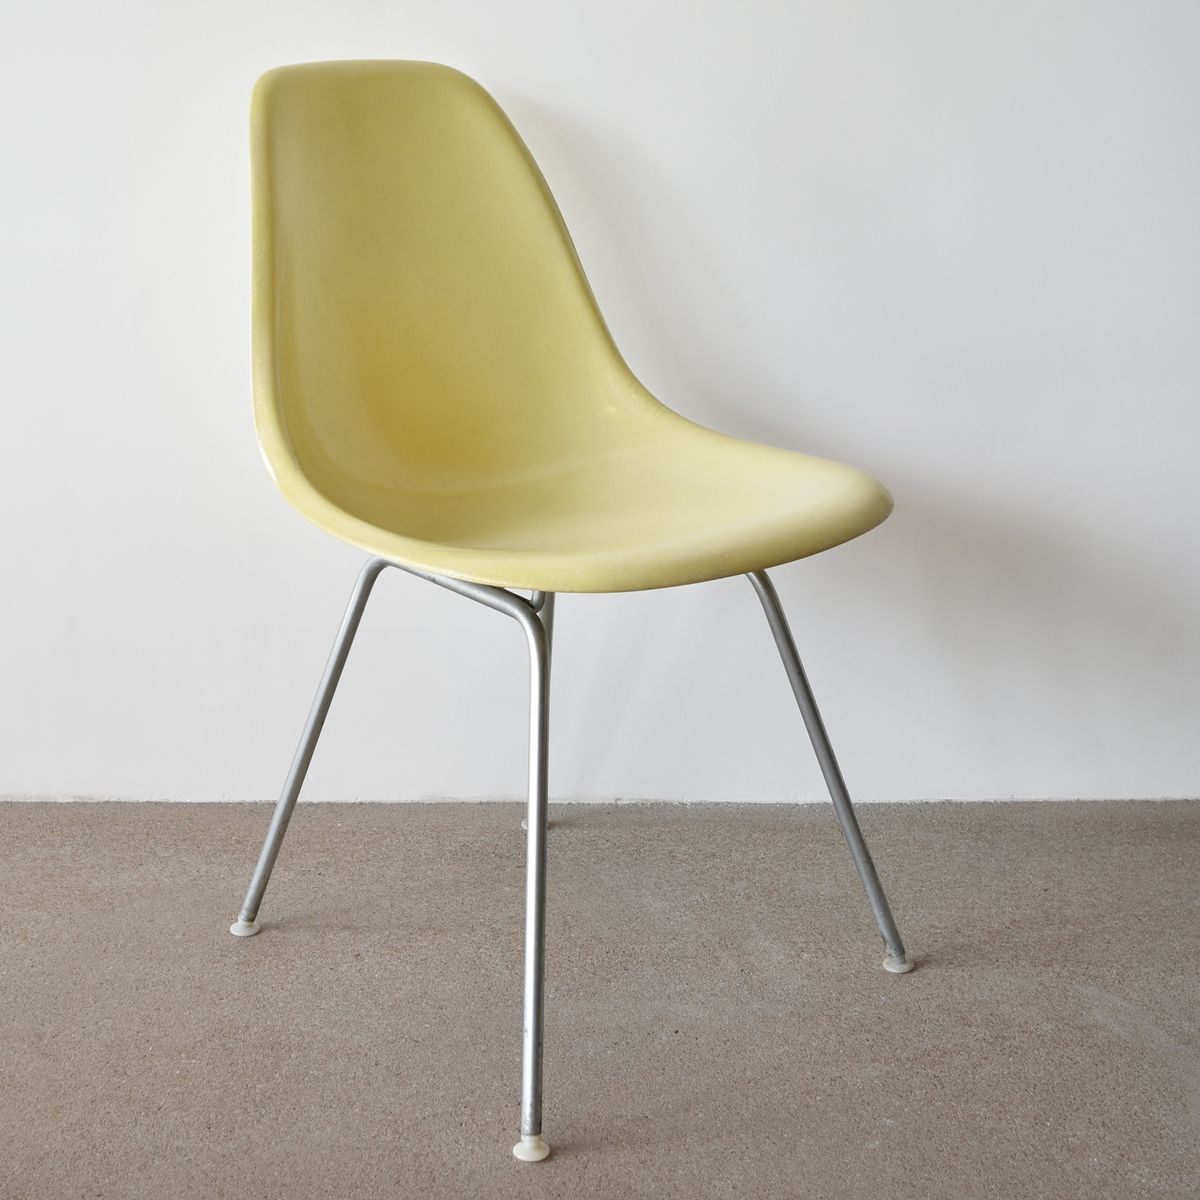 chaise dsx vintage par charles ray eames pour herman miller en vente sur pamono. Black Bedroom Furniture Sets. Home Design Ideas